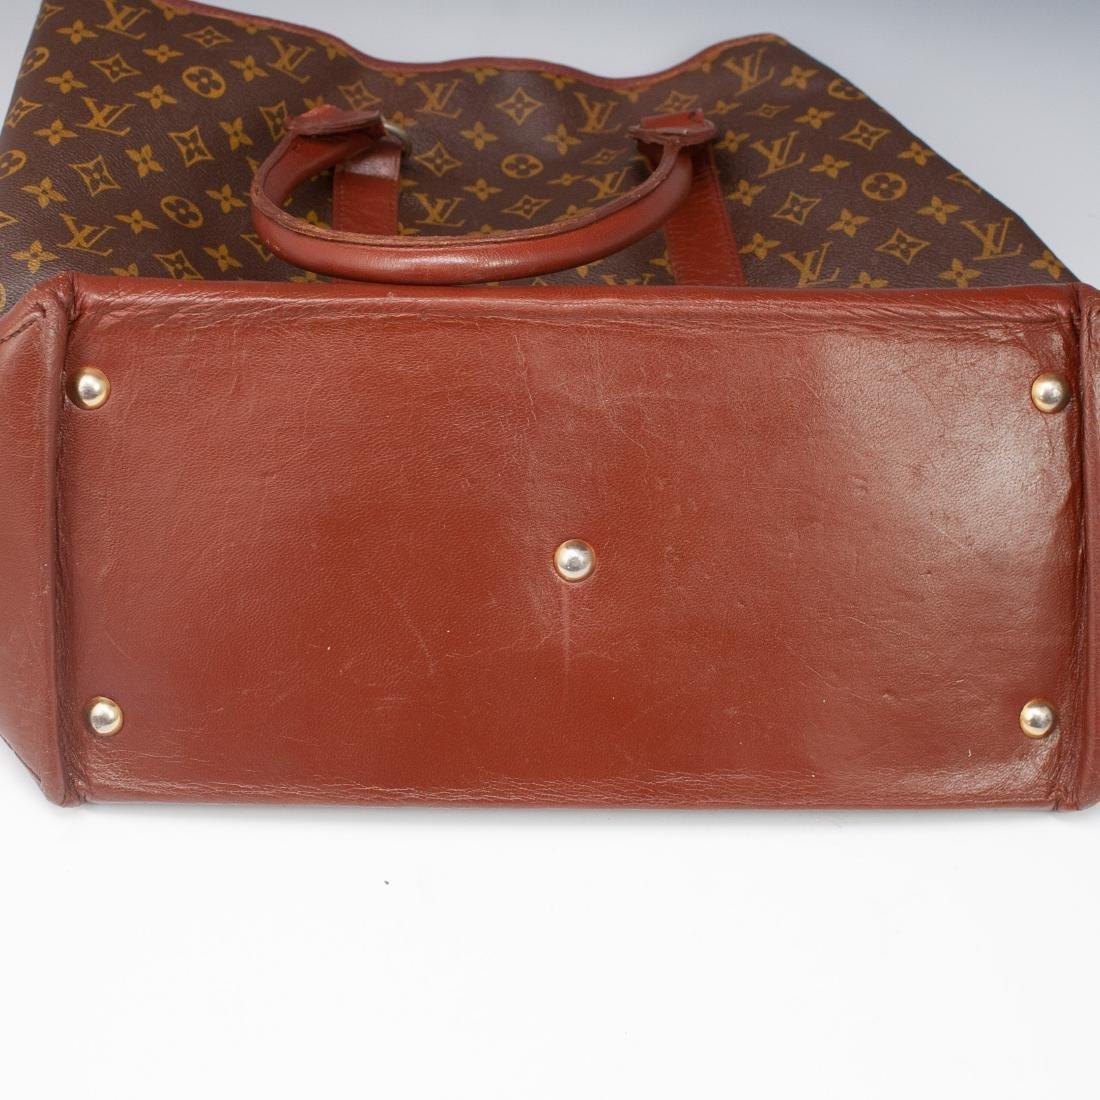 Louis Vuitton Babylone Tote Bag - 7